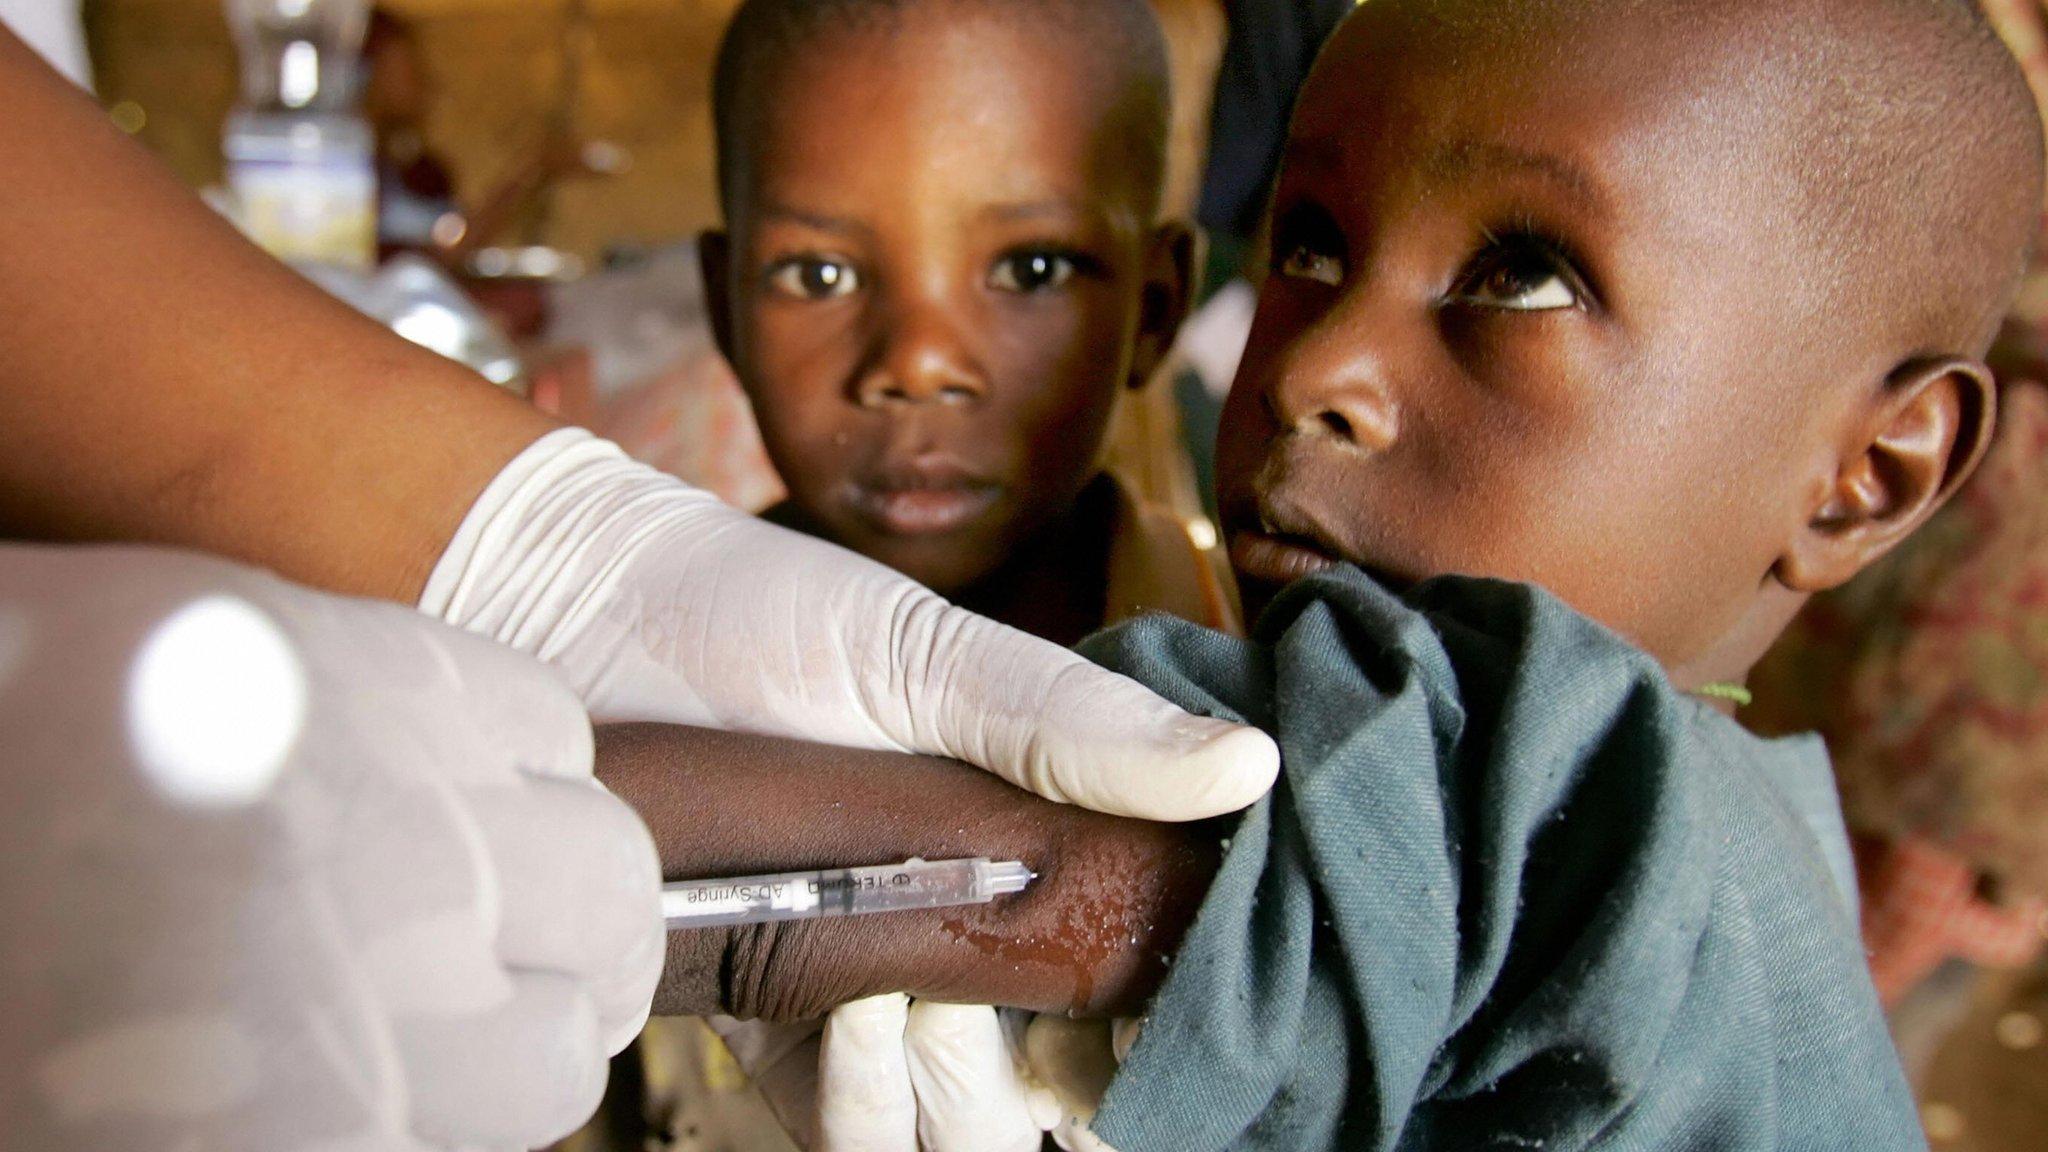 aamar blog meningitis outbreak kills at least 140 in ia